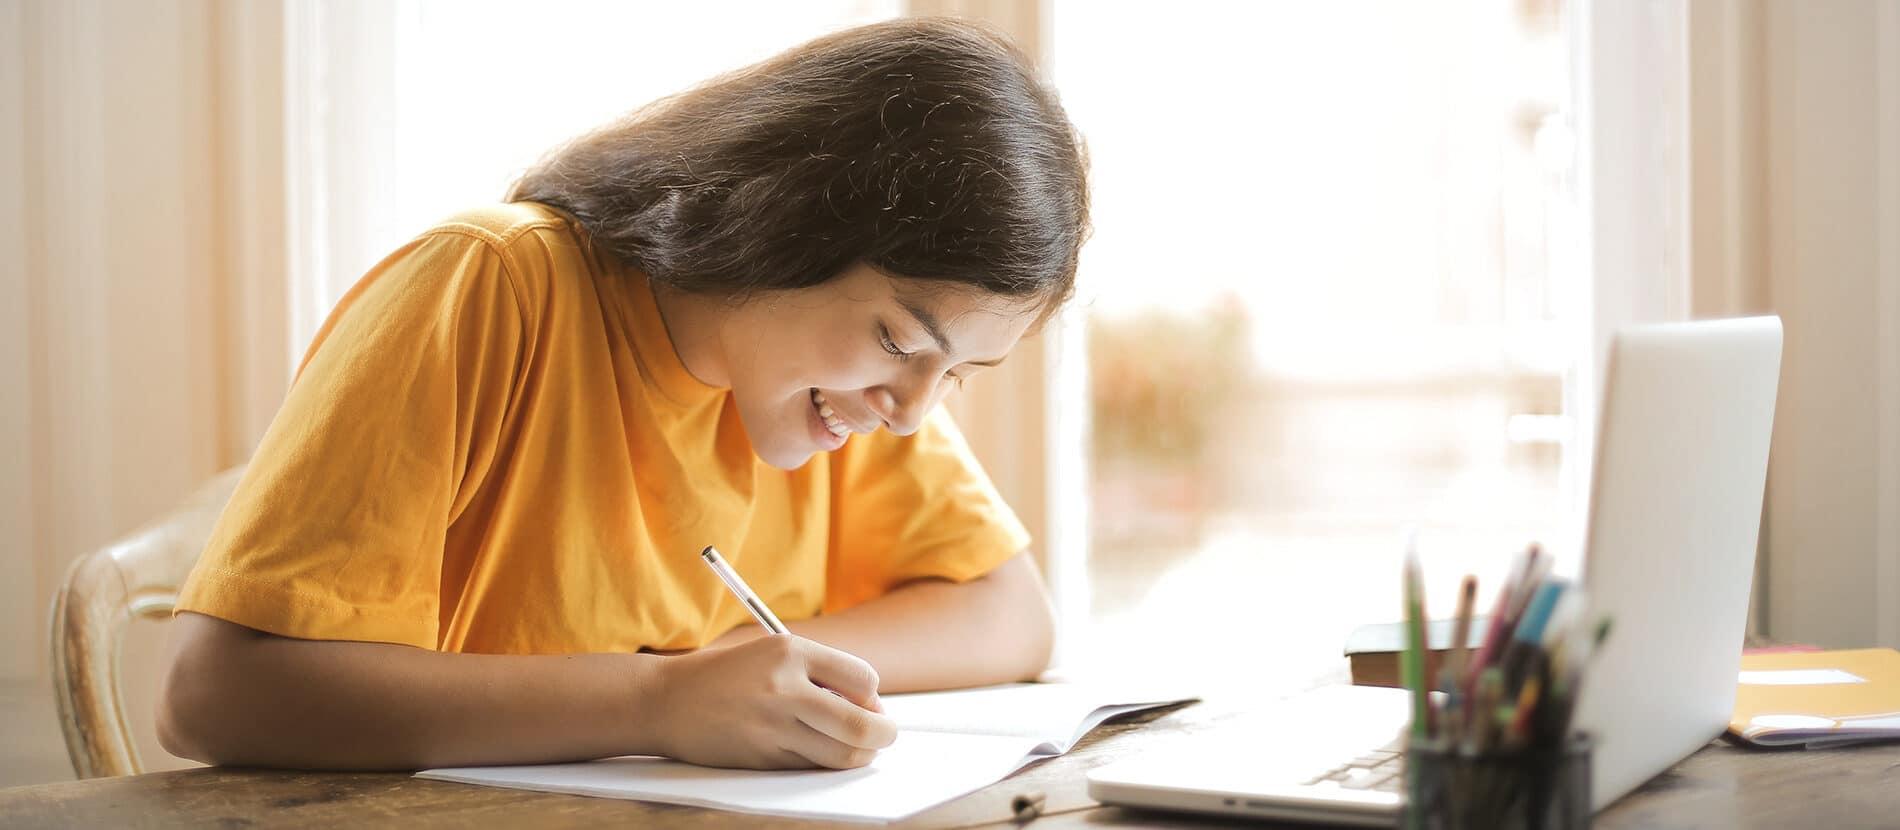 Femme entrain d'écrire à son bureau